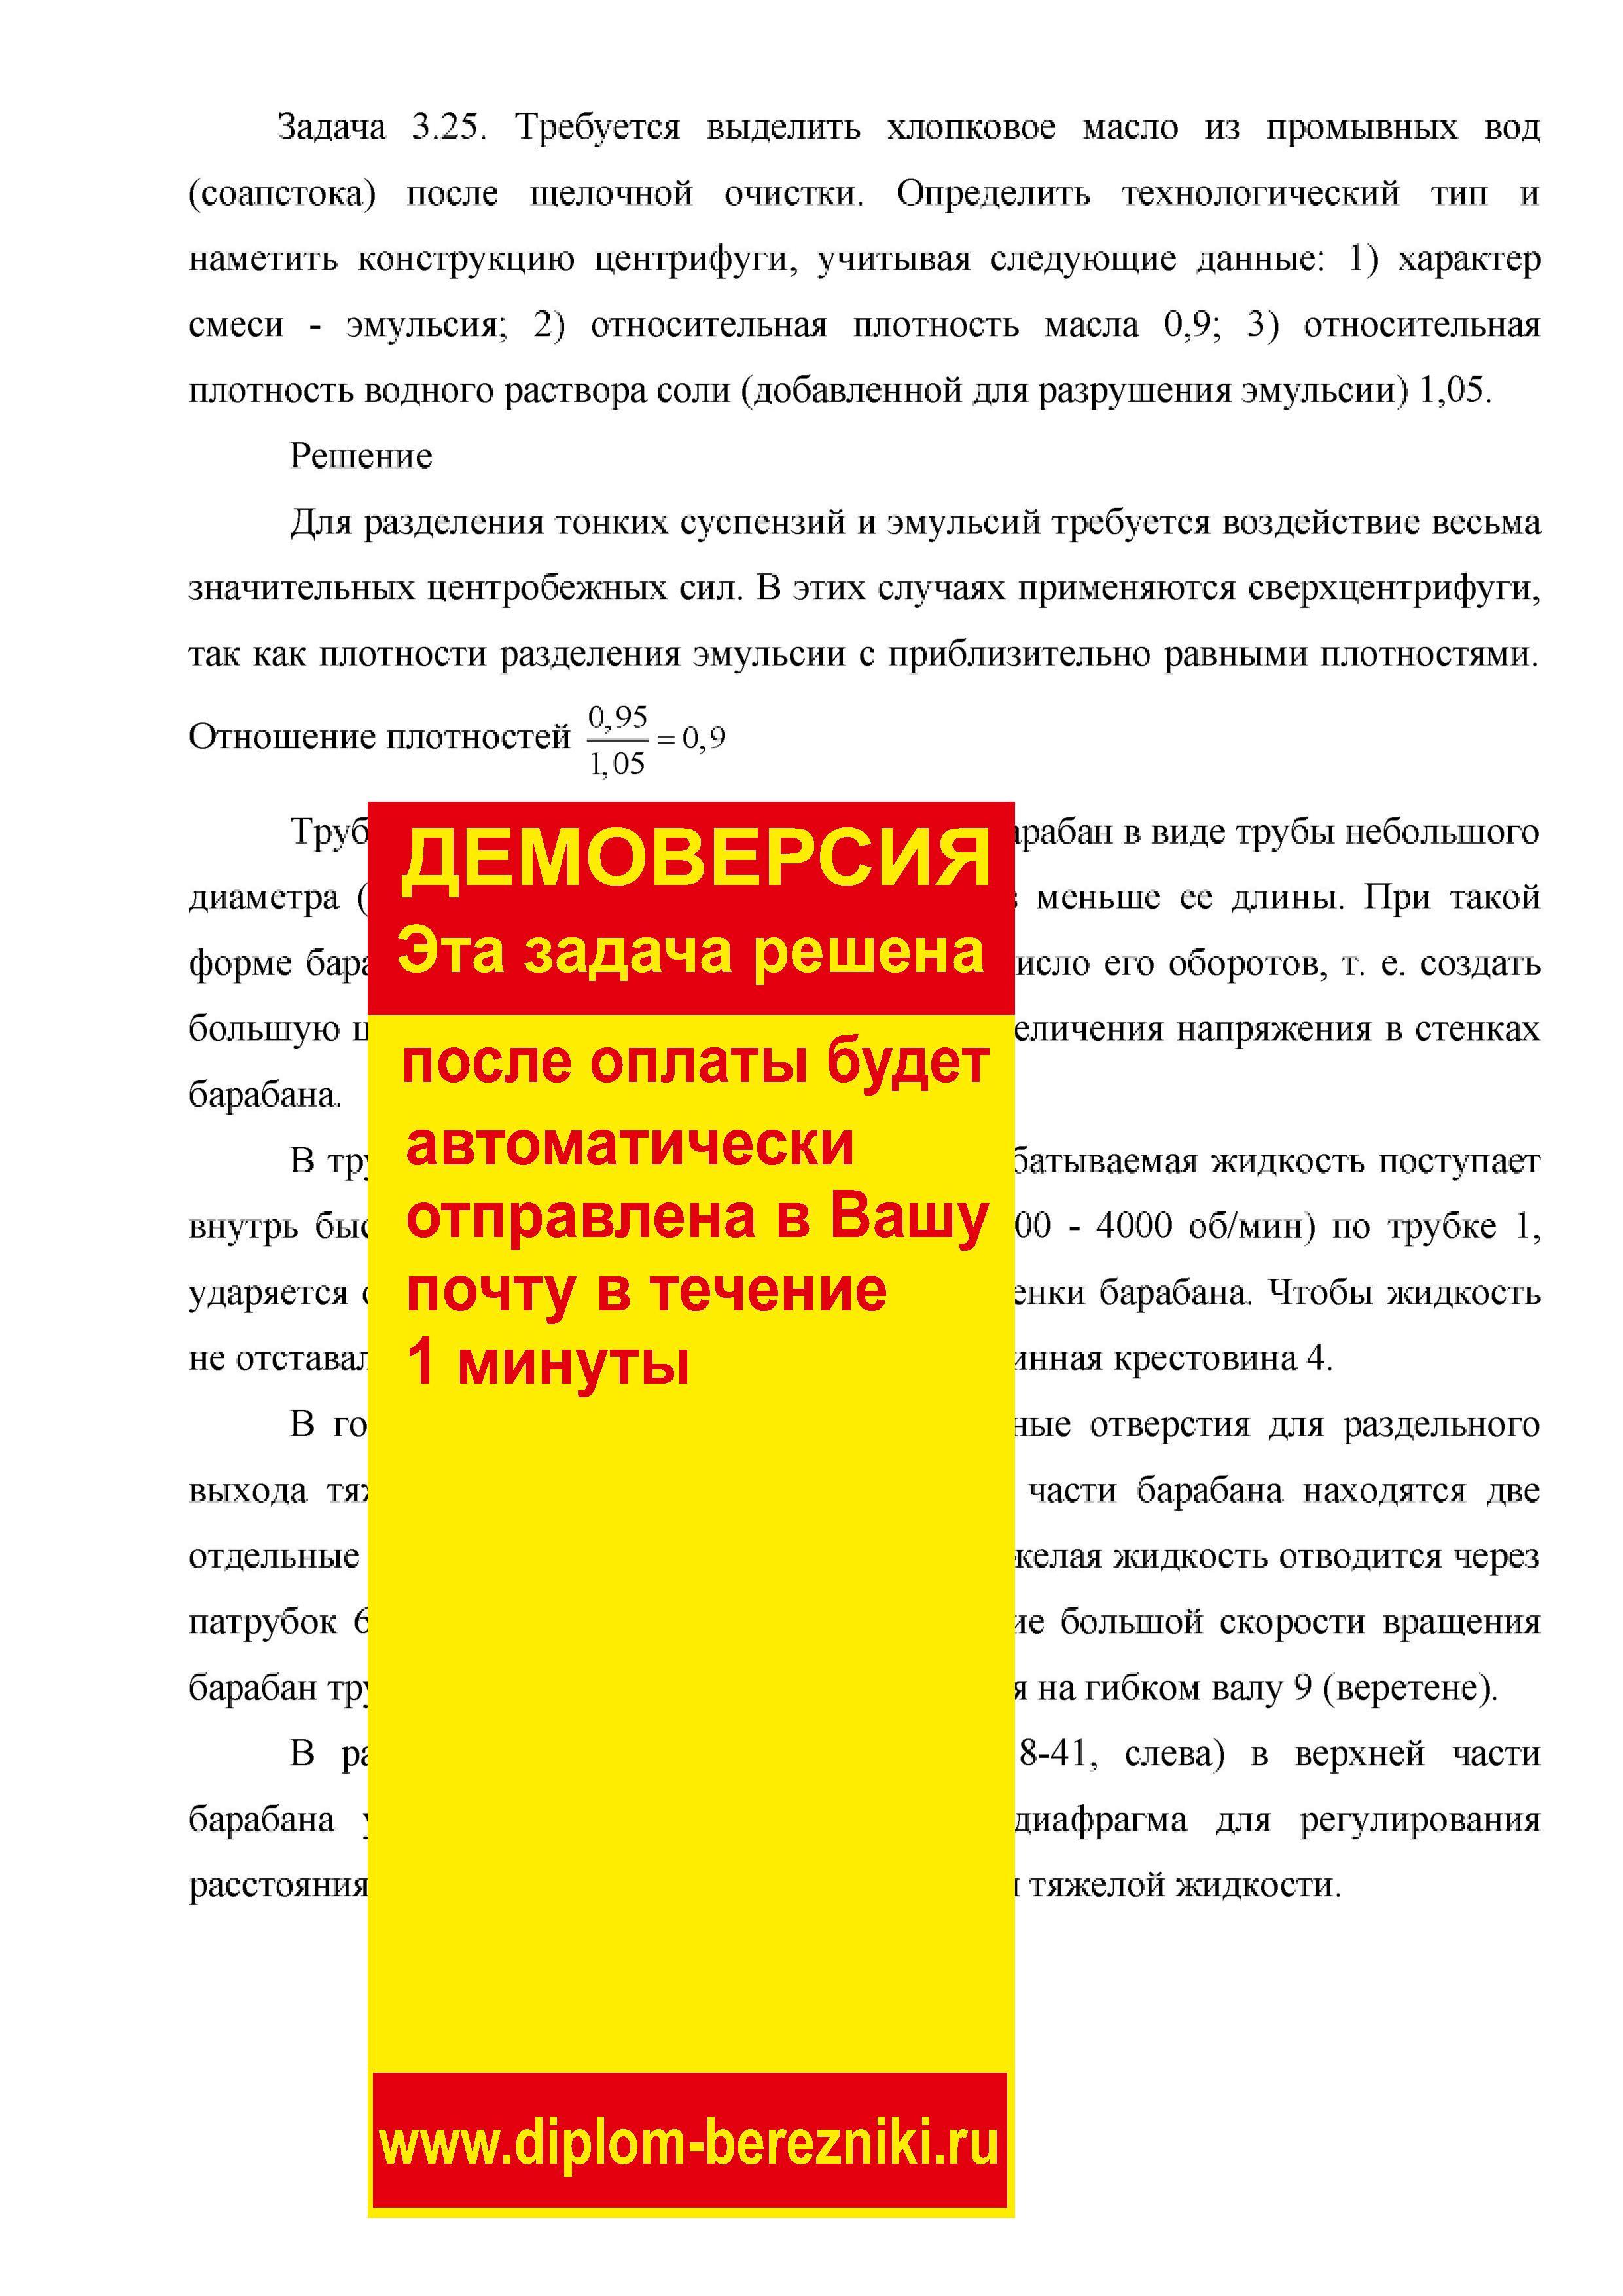 Решение задачи 3.25 по ПАХТ из задачника Павлова Романкова Носкова